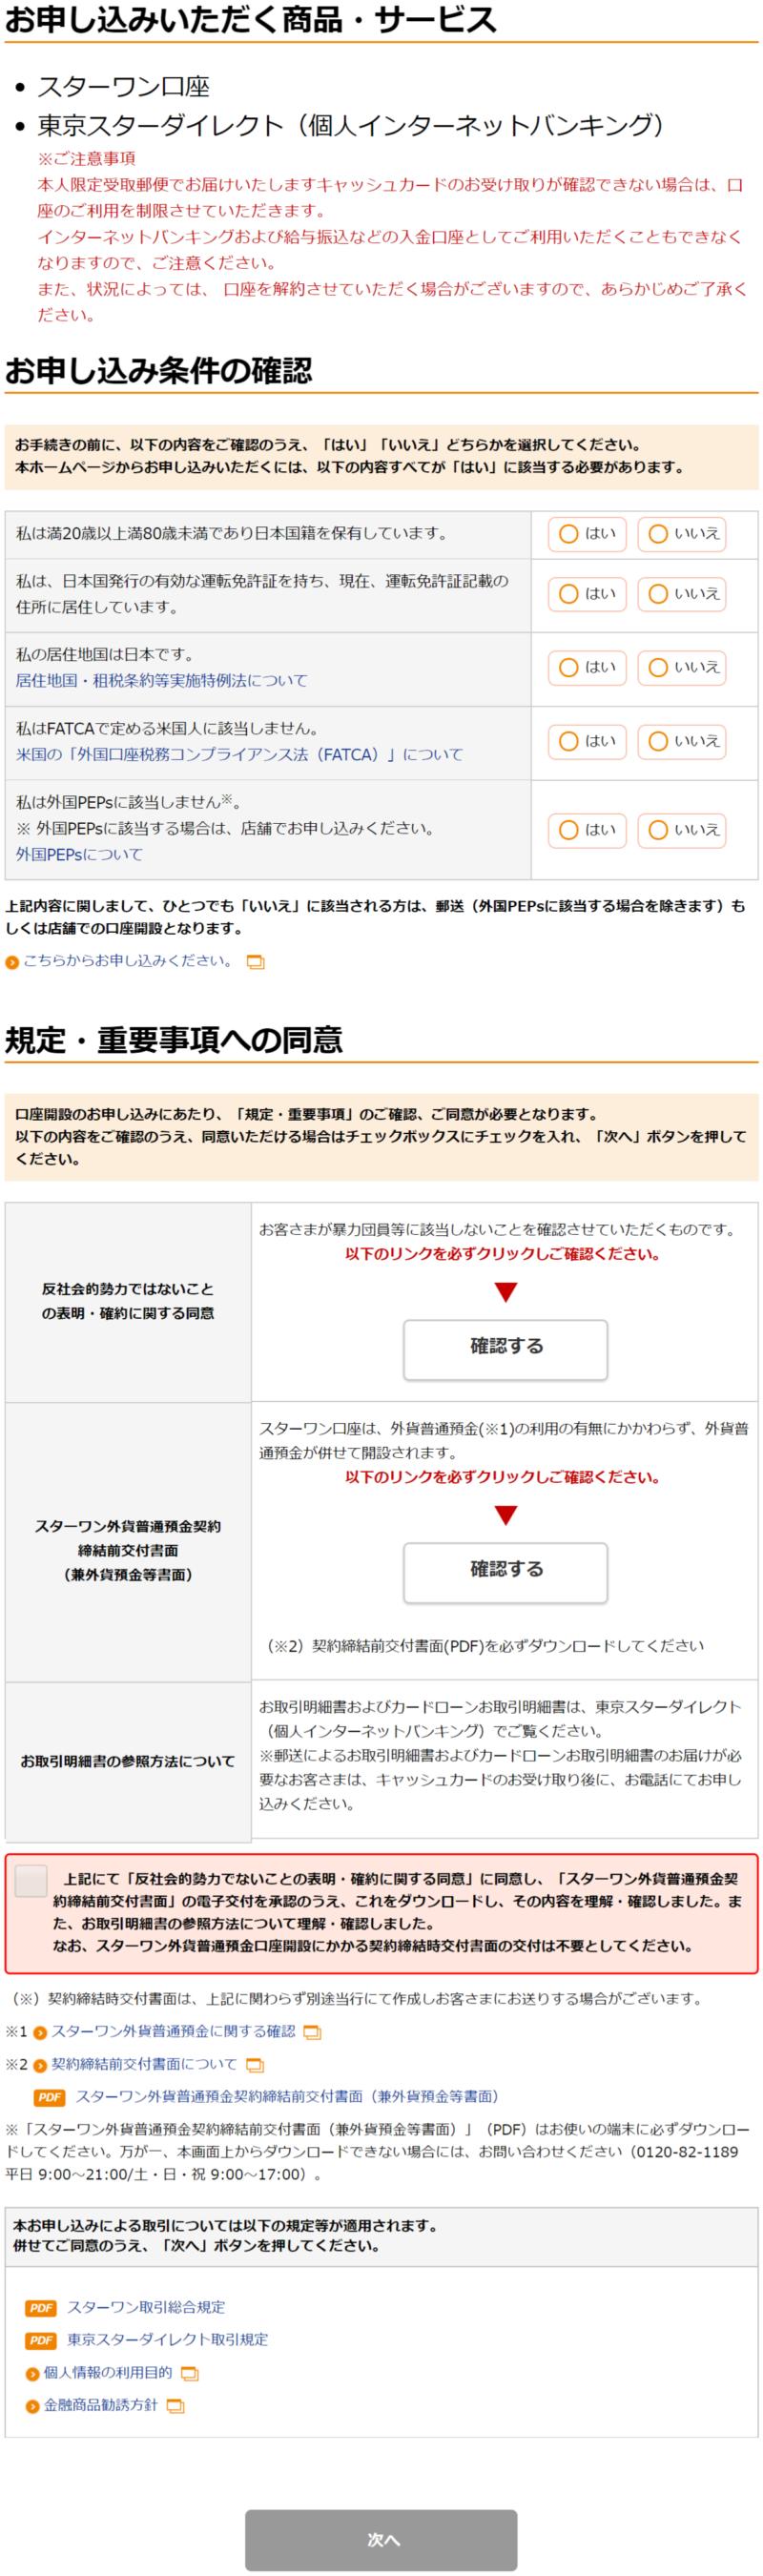 東京スター銀行に口座開設する流れ